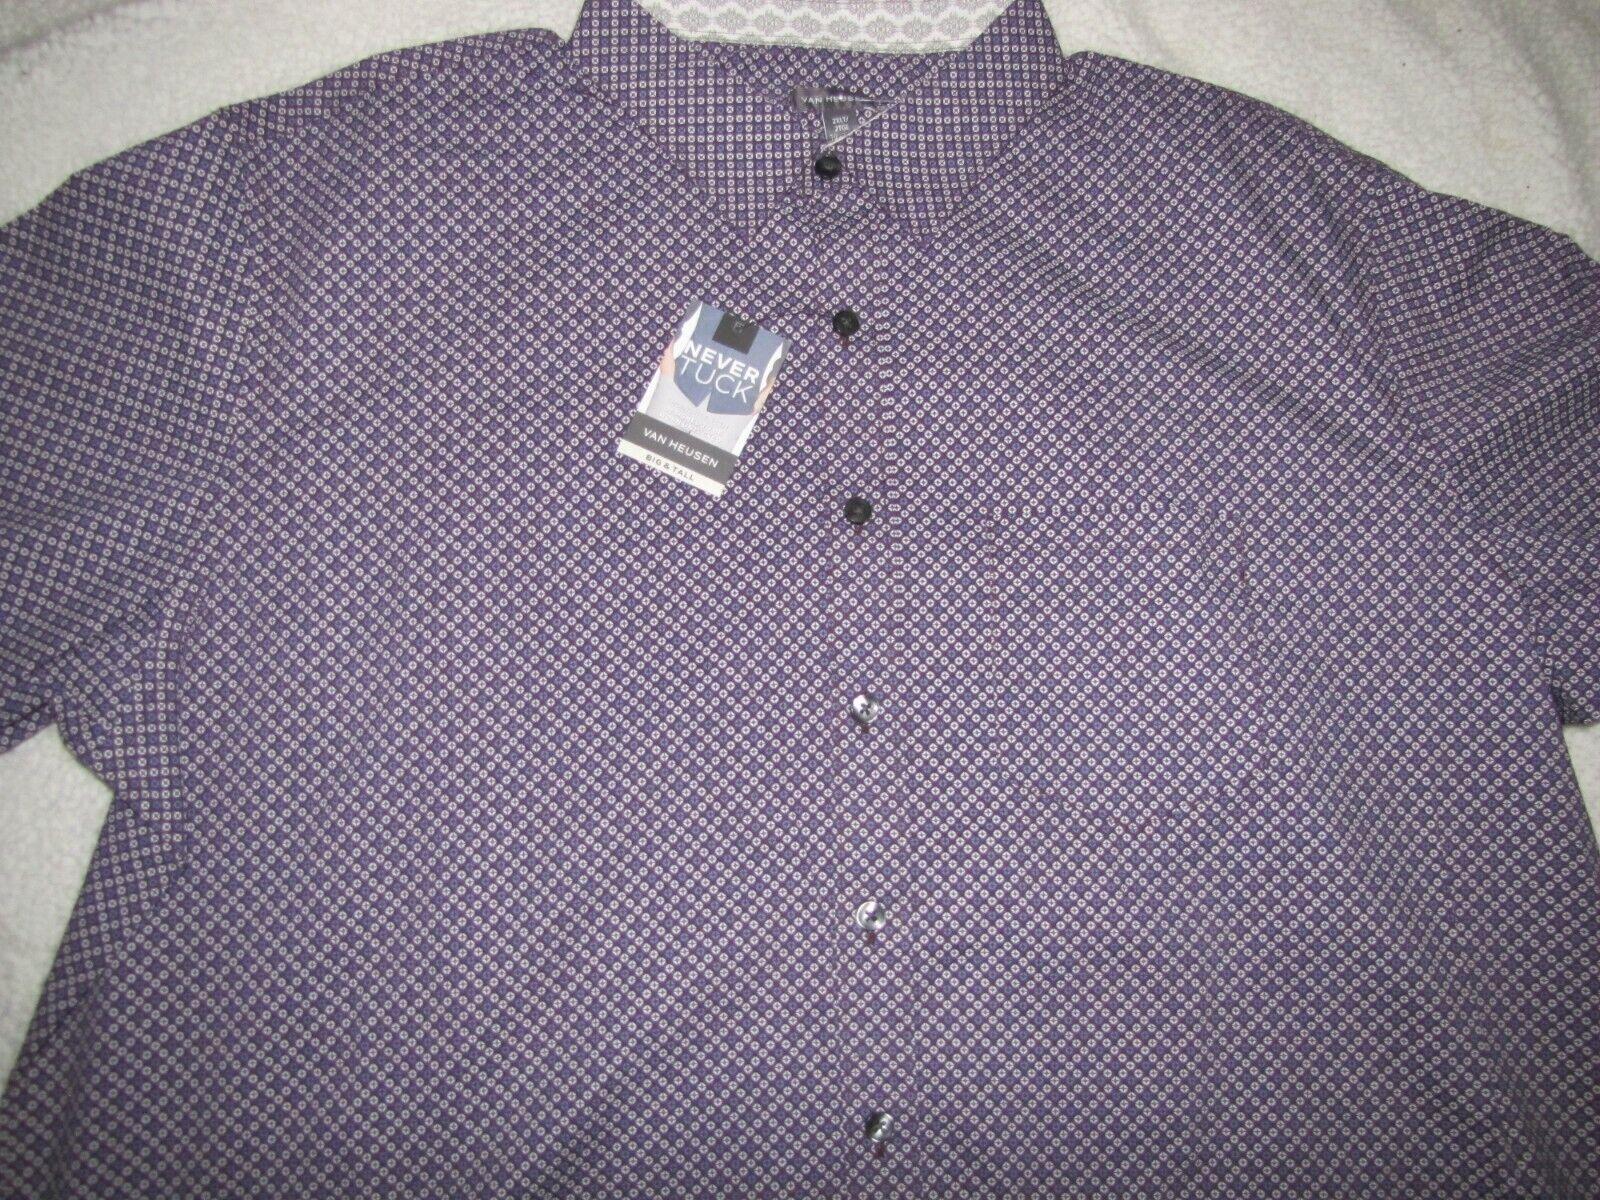 NWT Men's Van Heusen Short Sleeve Never Tuck Dress Shirt 2XL